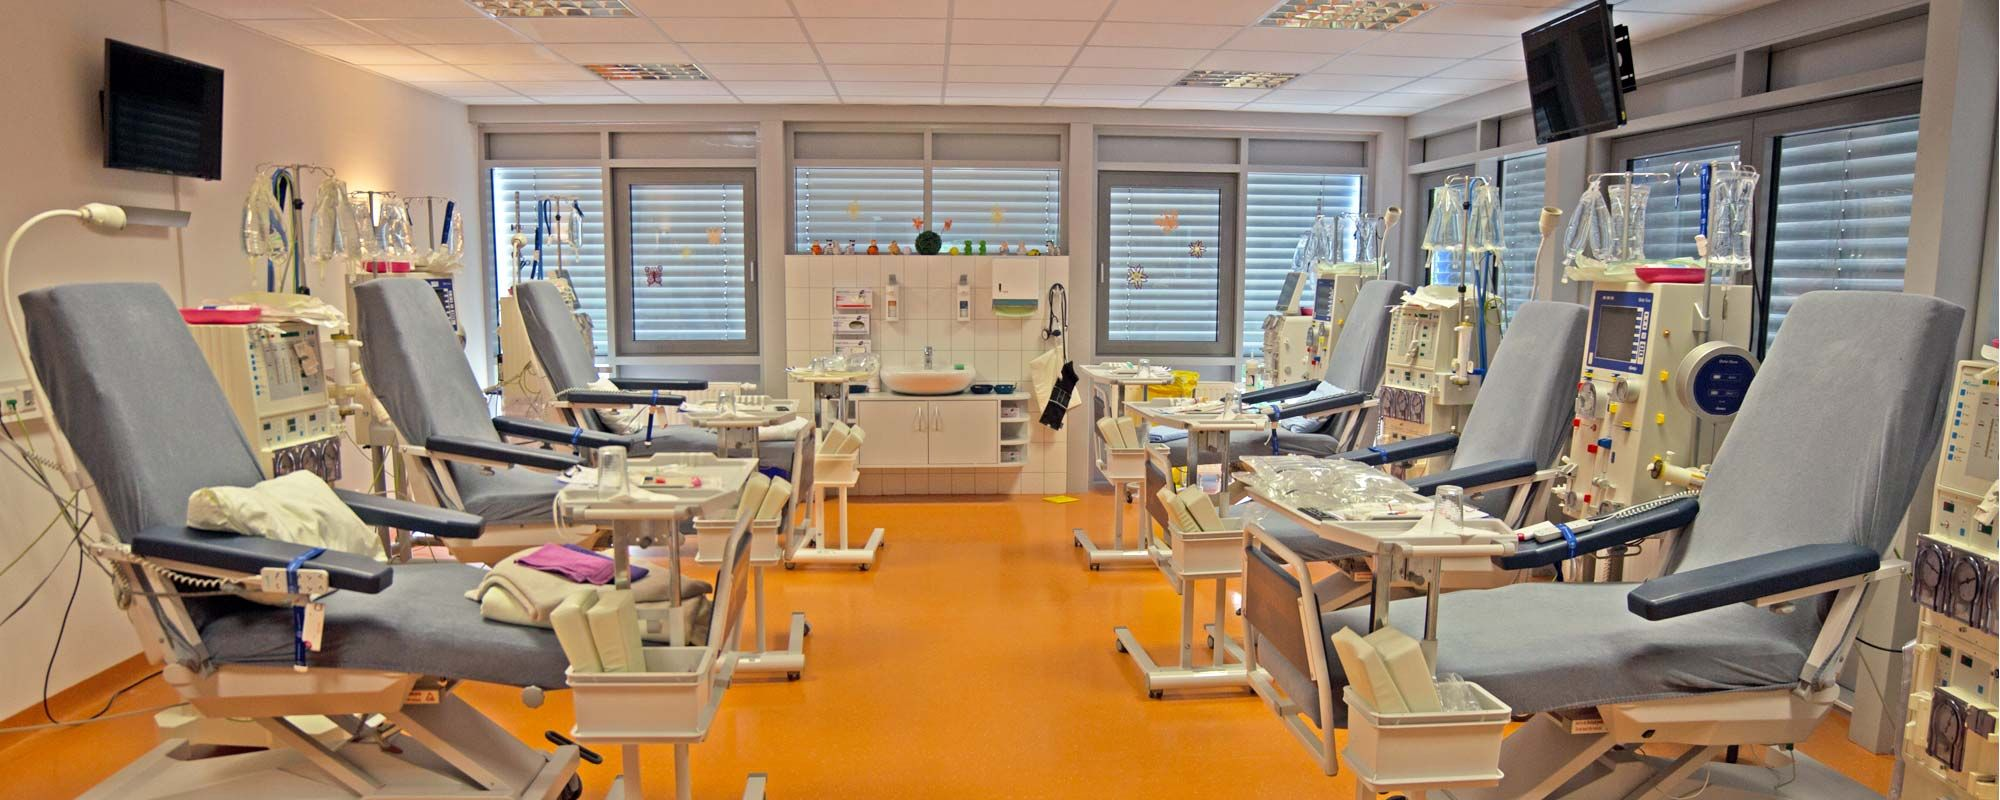 Hintergrundbild für Krankenschwester / medizinische Fachangestellte (m/w/d)